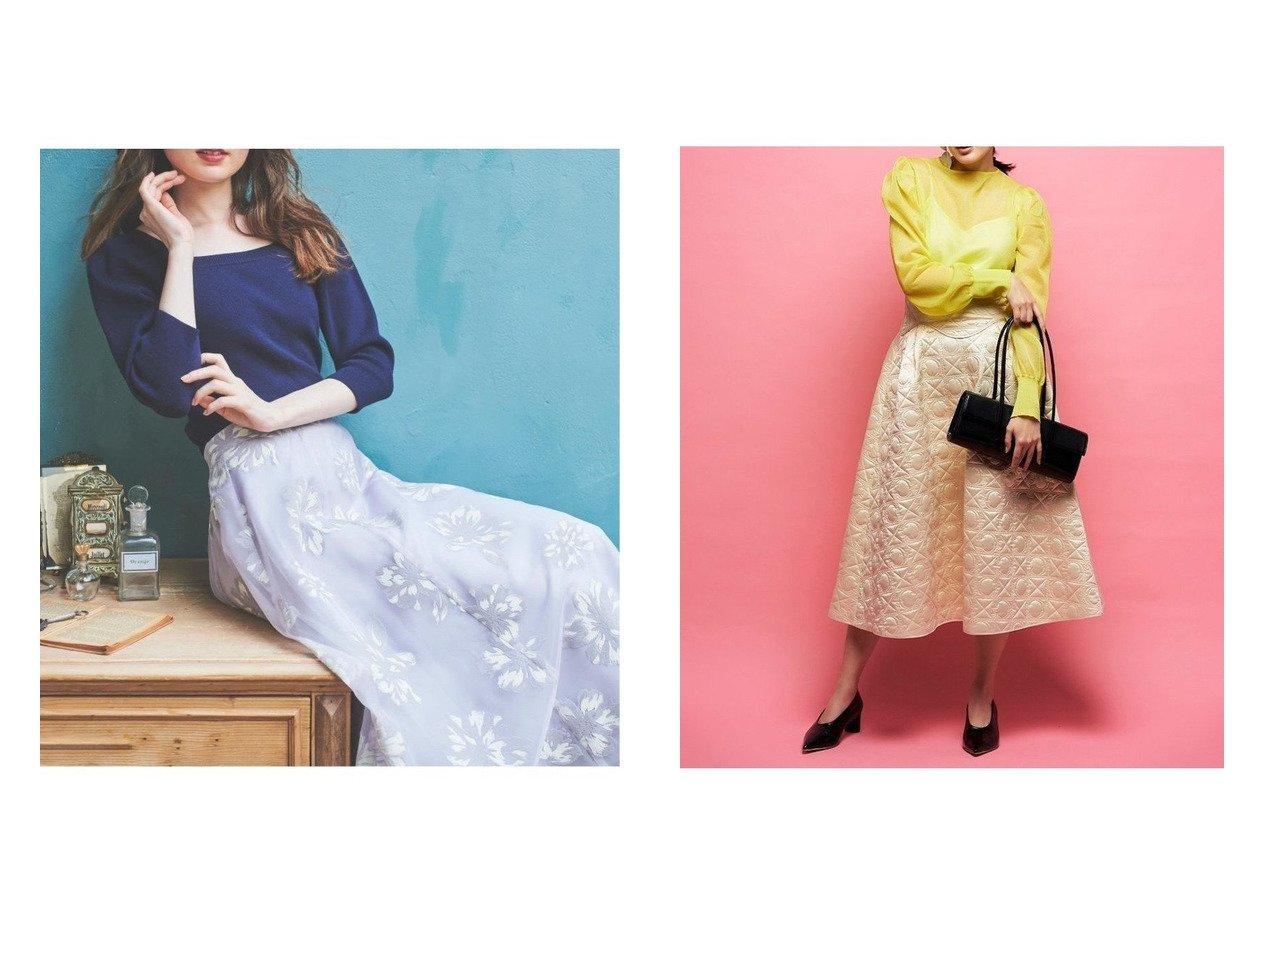 【CELFORD/セルフォード】のオリジナルキルティングスカート&【Noela/ノエラ】の【WEB限定カラーあり】2色フロッキースカートコーデセット 【スカート】おすすめ!人気、トレンド・レディースファッションの通販 おすすめで人気の流行・トレンド、ファッションの通販商品 インテリア・家具・メンズファッション・キッズファッション・レディースファッション・服の通販 founy(ファニー) https://founy.com/ ファッション Fashion レディースファッション WOMEN スカート Skirt ロングスカート Long Skirt NEW・新作・新着・新入荷 New Arrivals シンプル キルト ヨーク ロング 切替 |ID:crp329100000066336